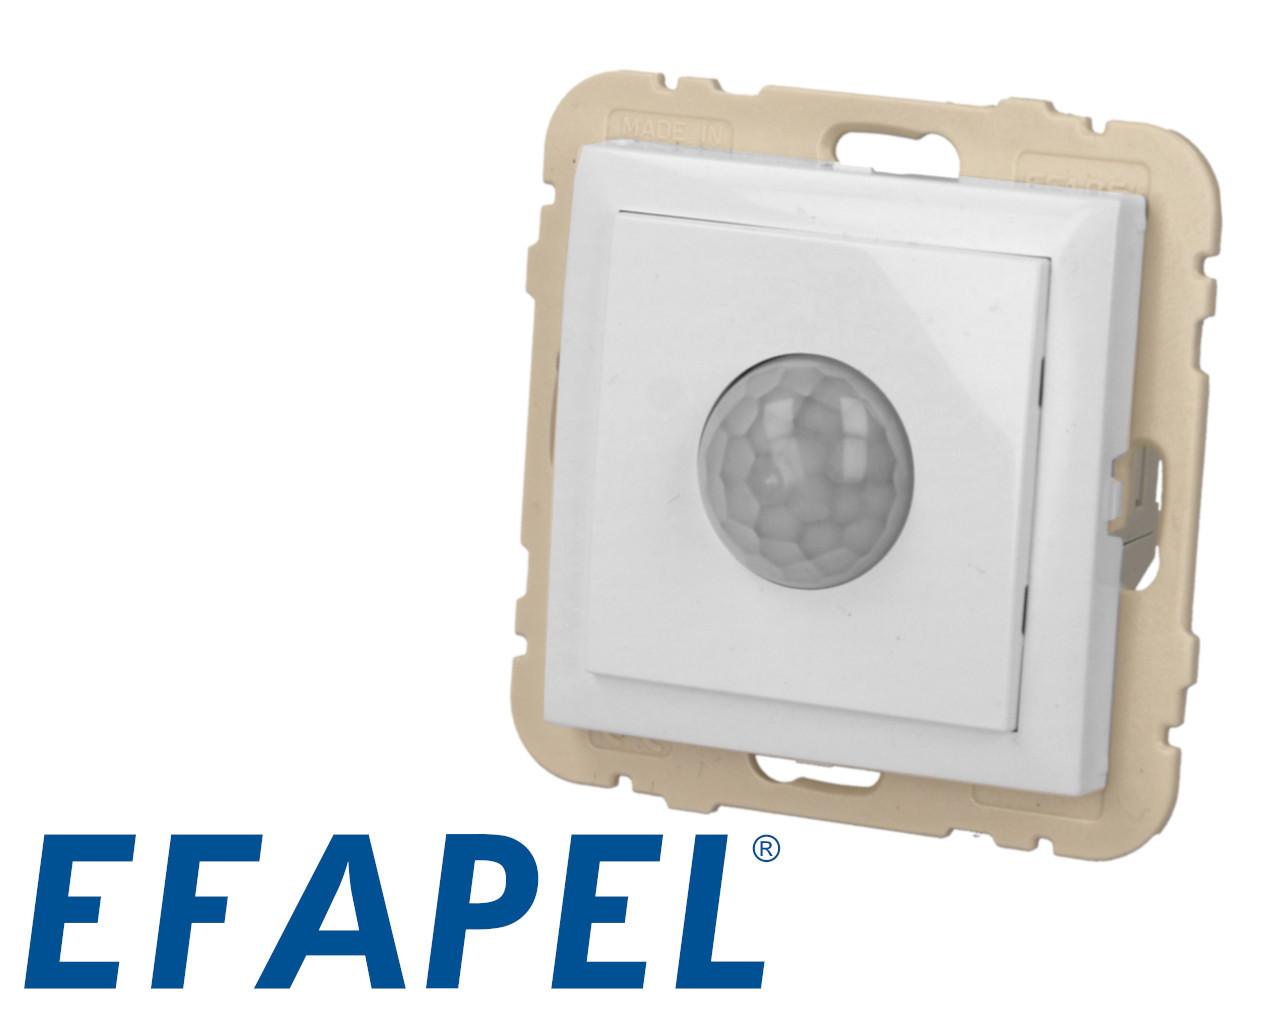 Interrupteur automatique avec détecteur de mouvement blanc Efapel Logus 90